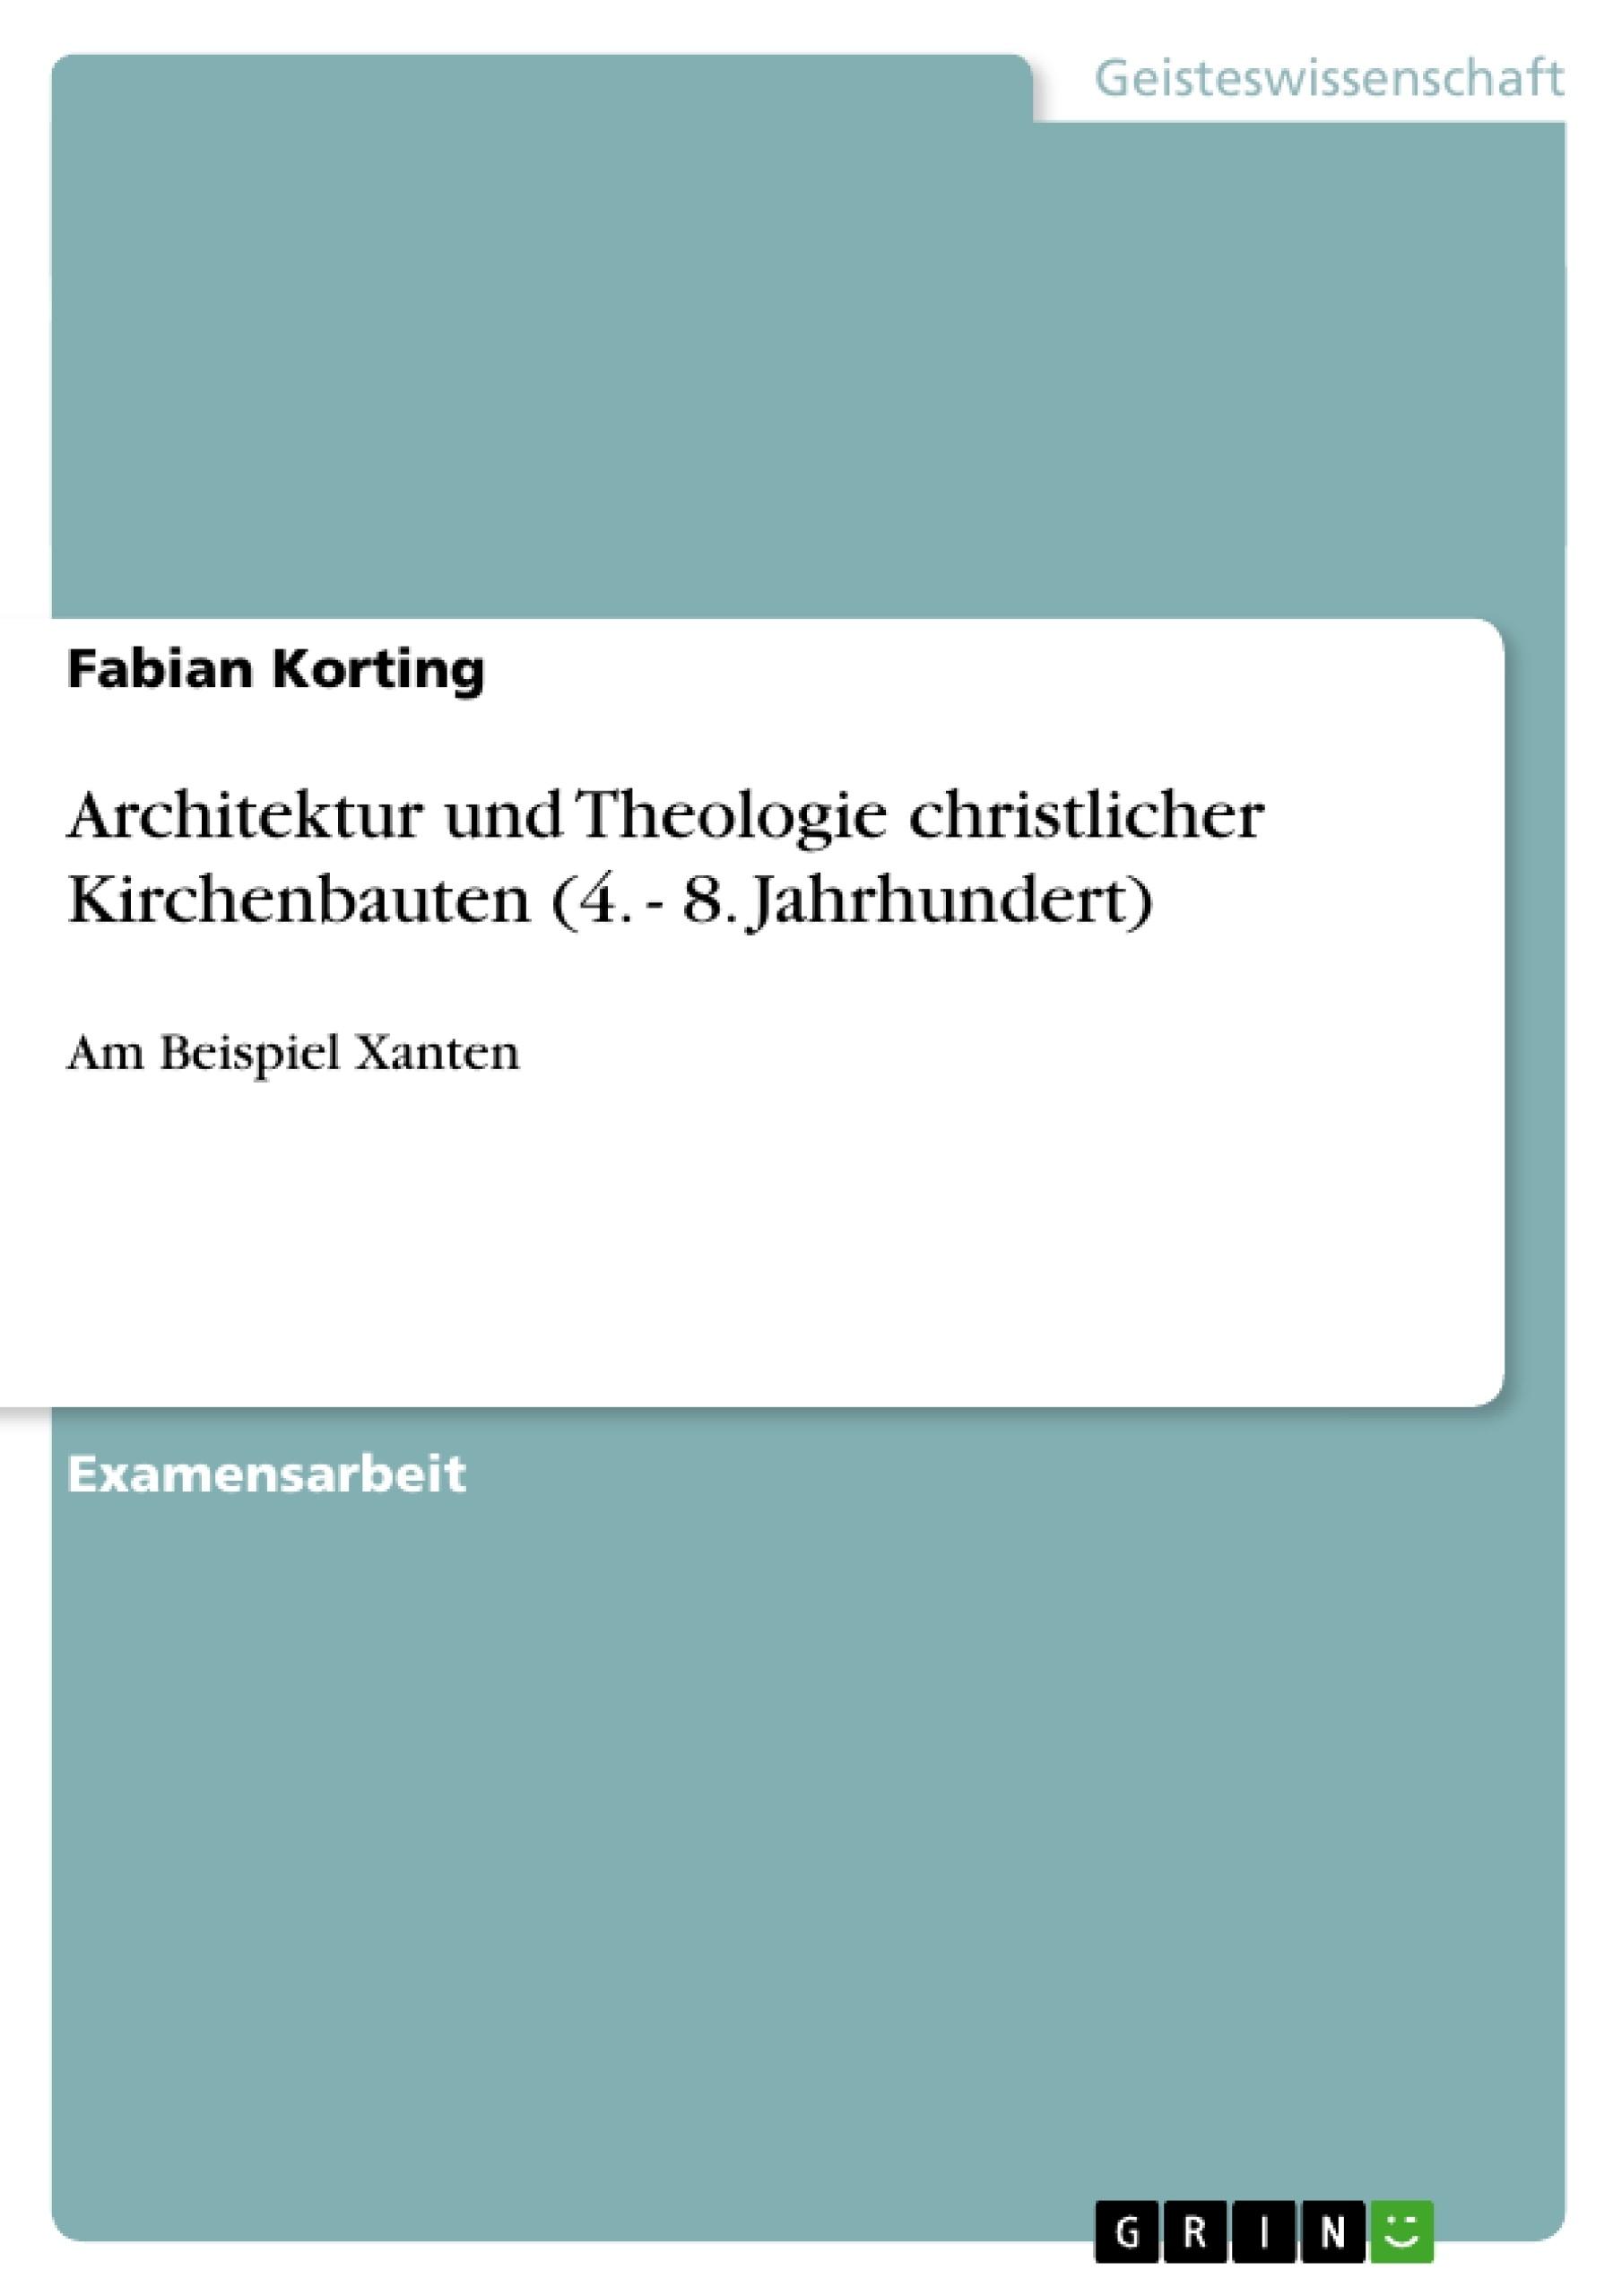 Titel: Architektur und Theologie christlicher Kirchenbauten (4. - 8. Jahrhundert)